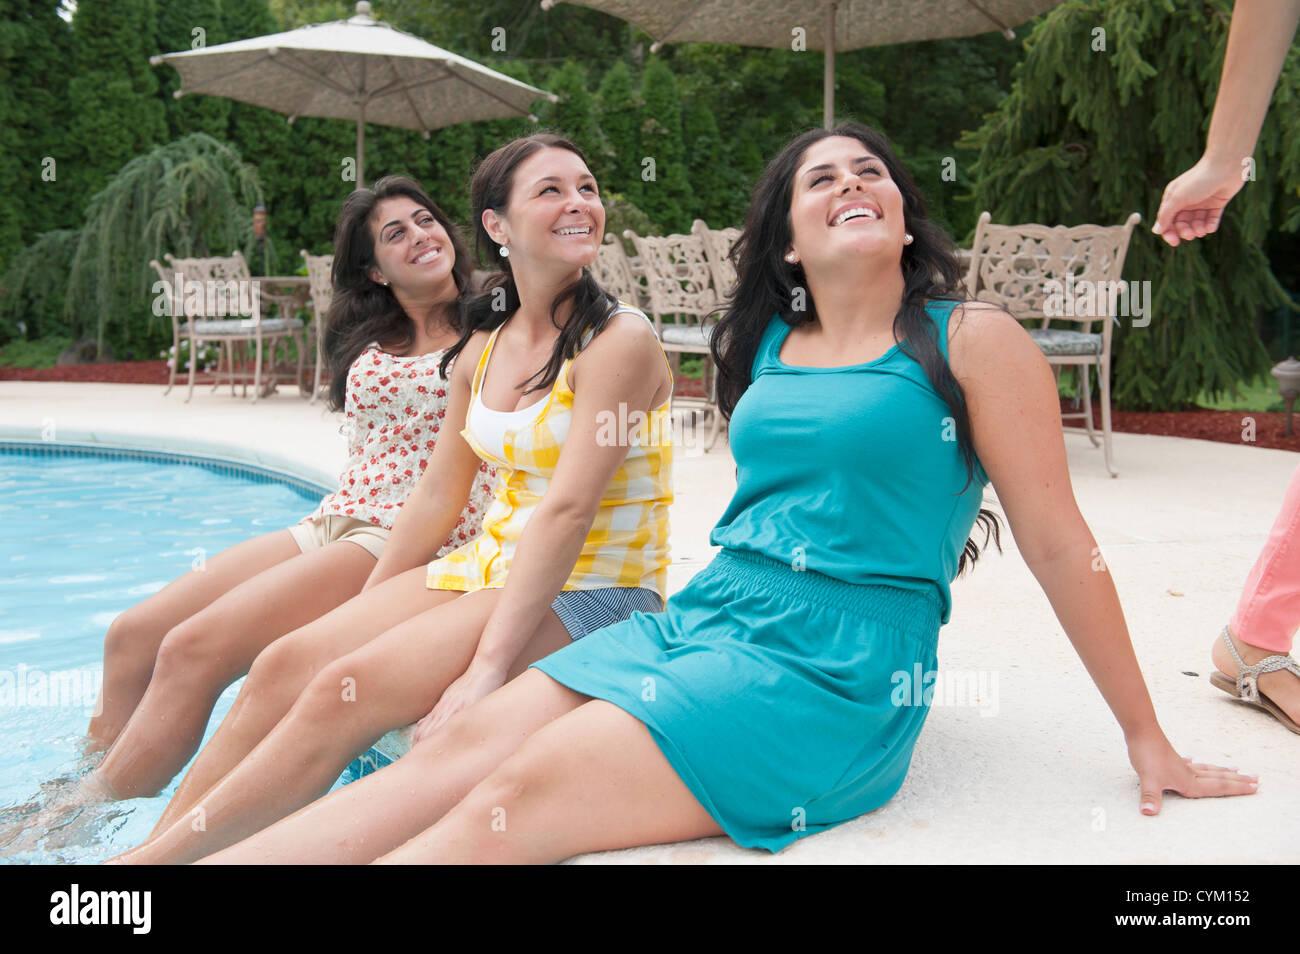 Las mujeres los pies colgando en la piscina Foto de stock